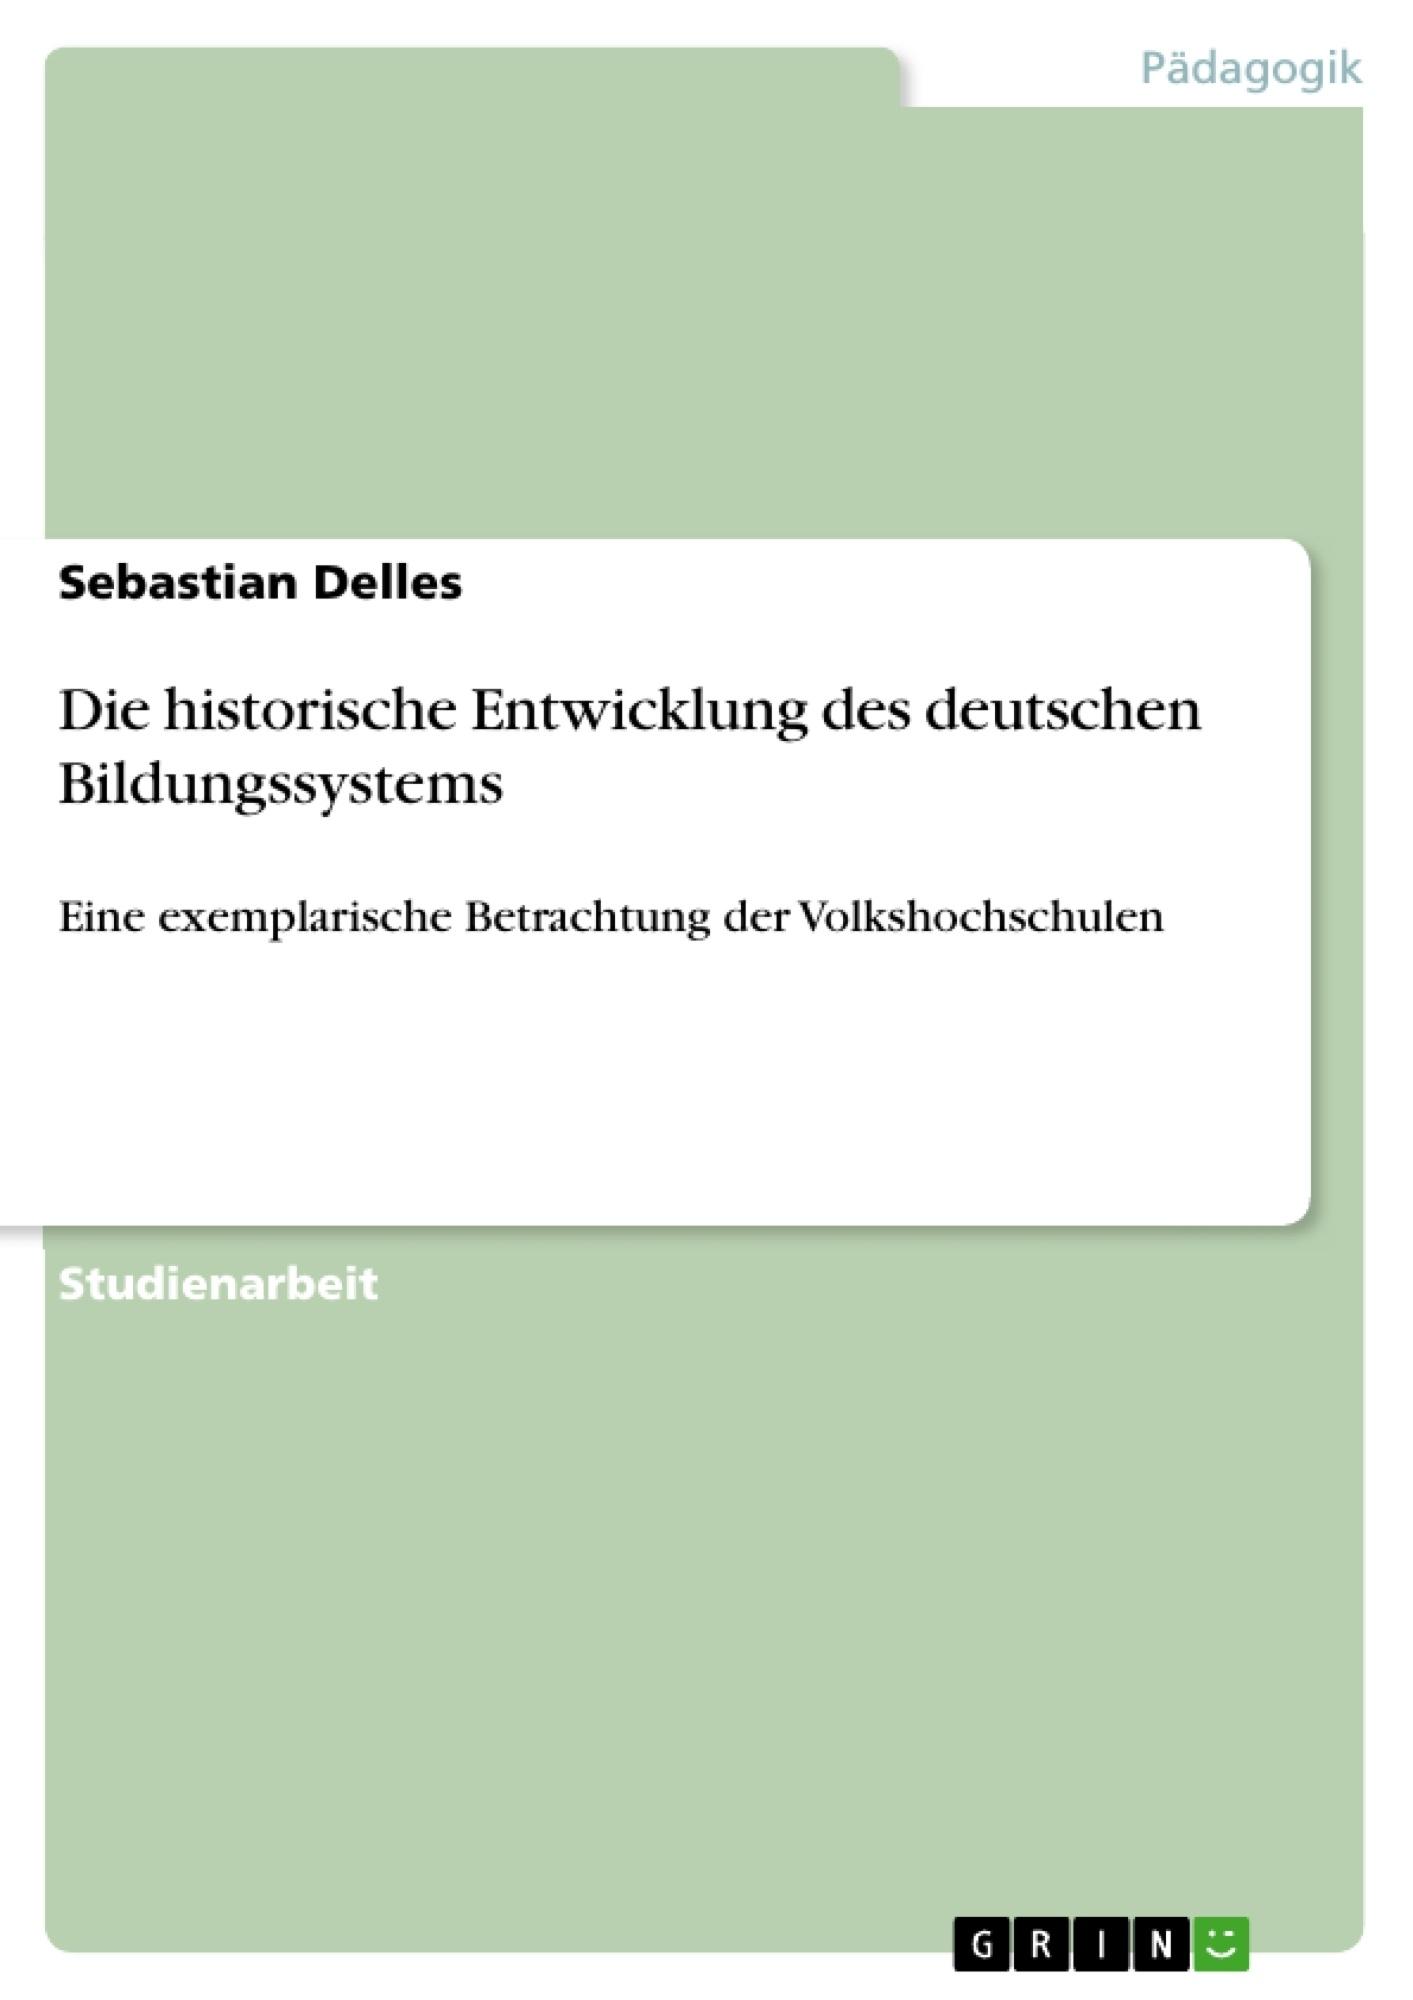 Titel: Die historische Entwicklung des deutschen Bildungssystems